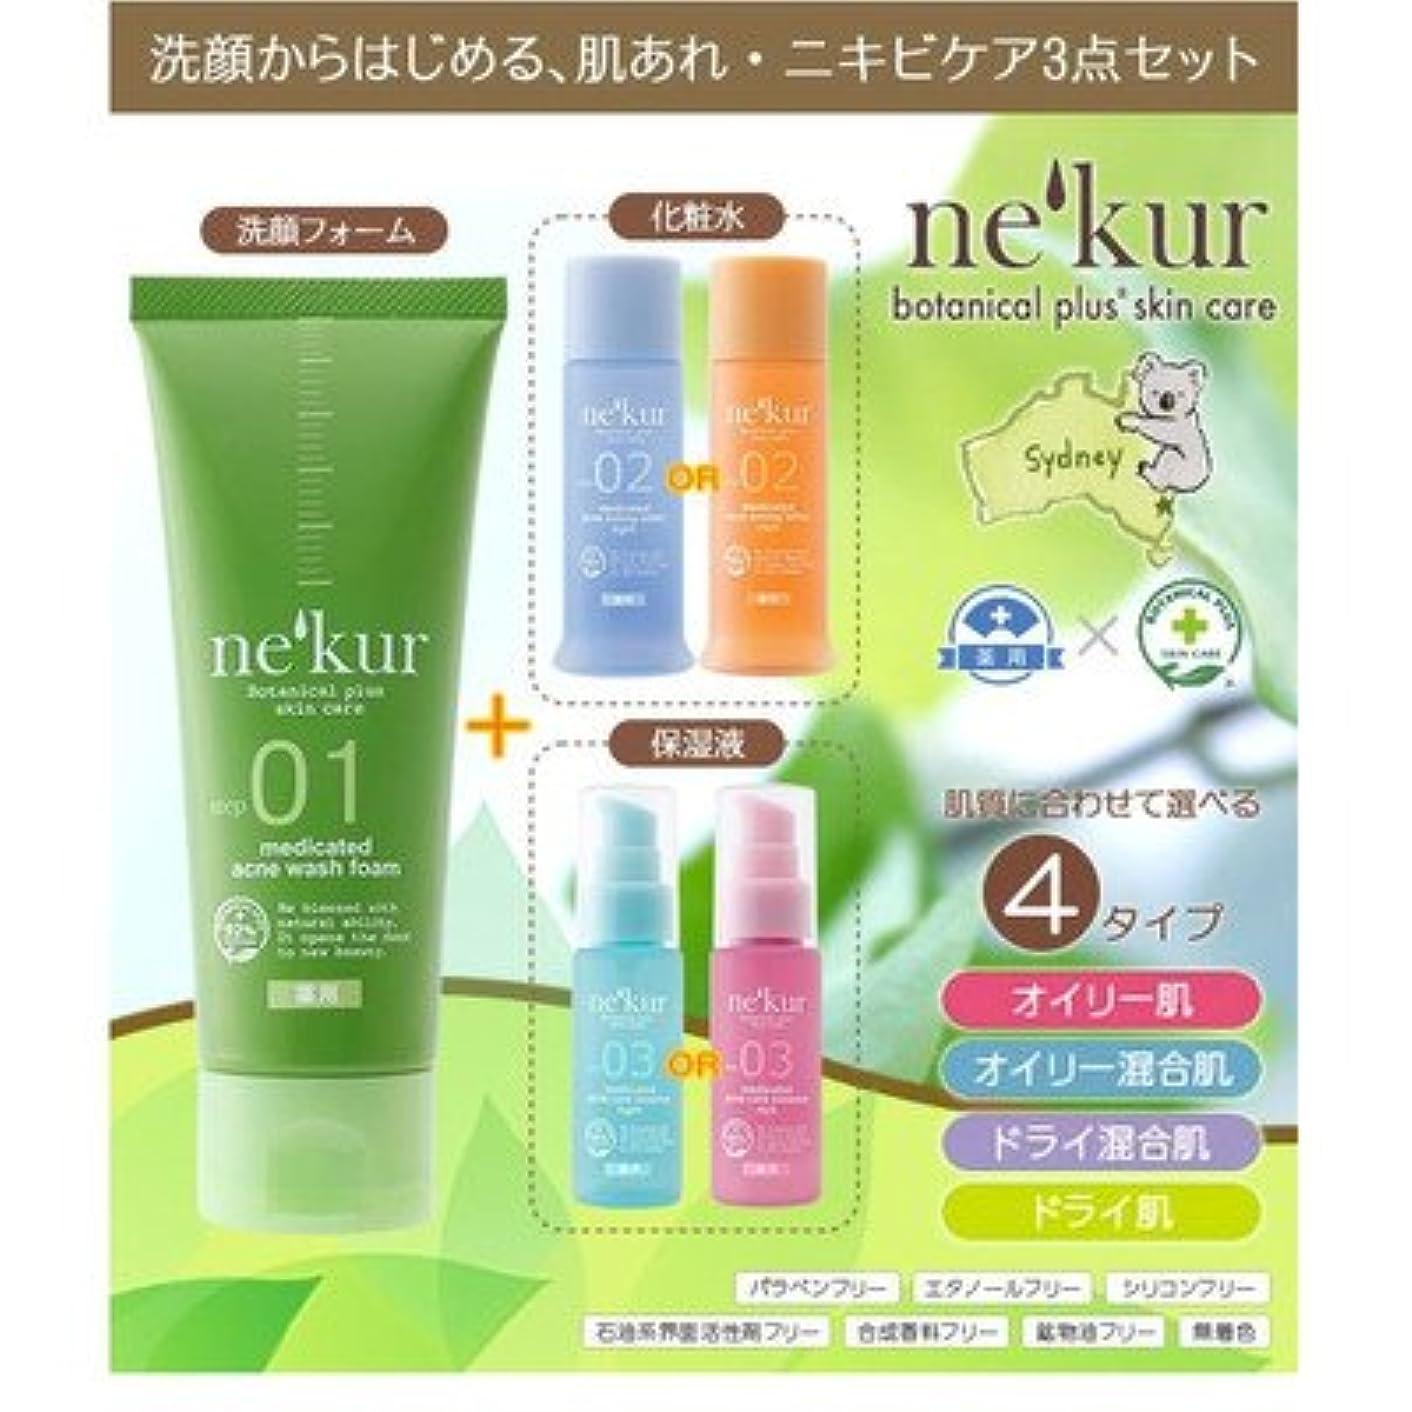 アラブ人曲消去ネクア(nekur) ボタニカルプラススキンケア 薬用アクネ洗顔3点セット ドライ混合肌セット( 画像はイメージ画像です お届けの商品はドライ混合肌セットのみとなります)